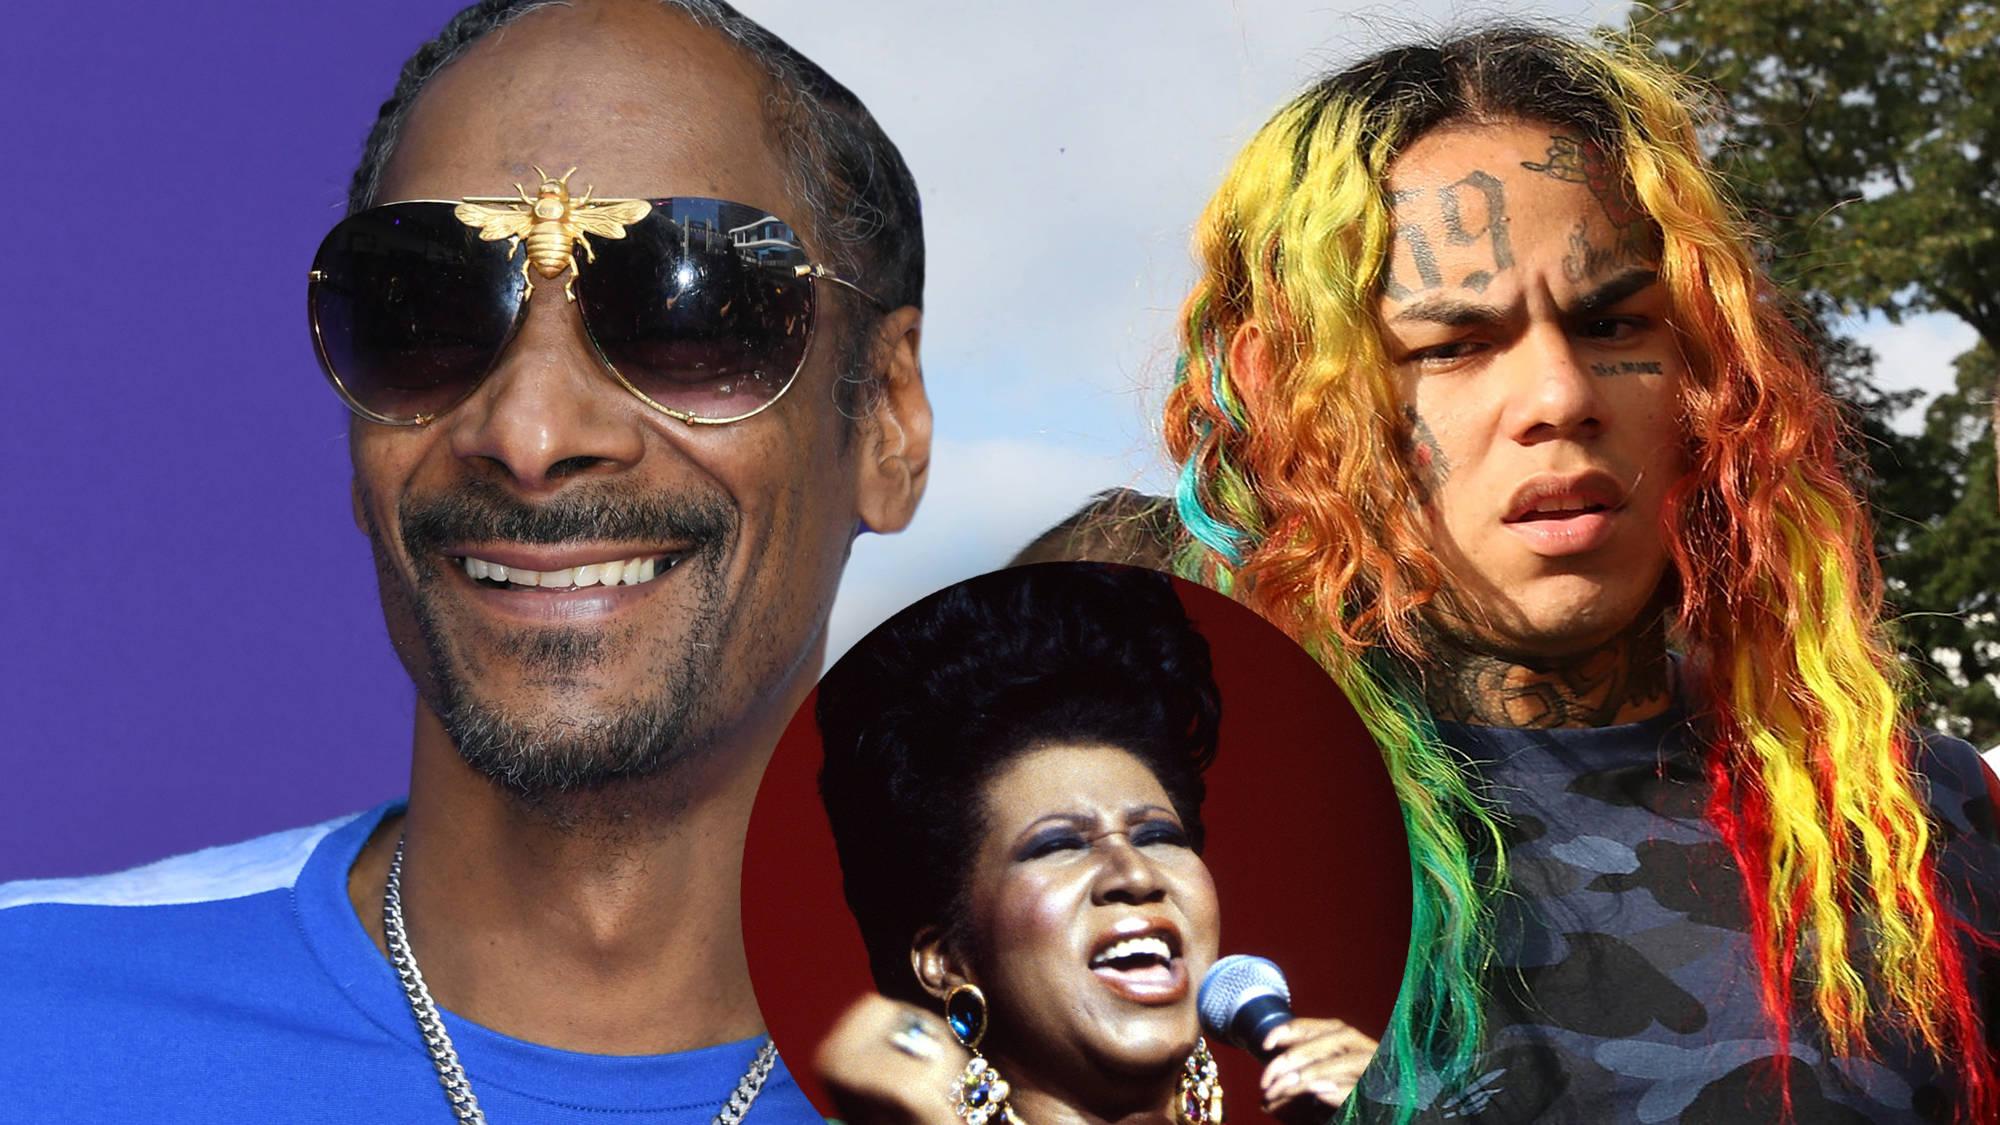 Snoop Dogg Trolls Tekashi 6ix9ine By Comparing Him To Aretha Franklin